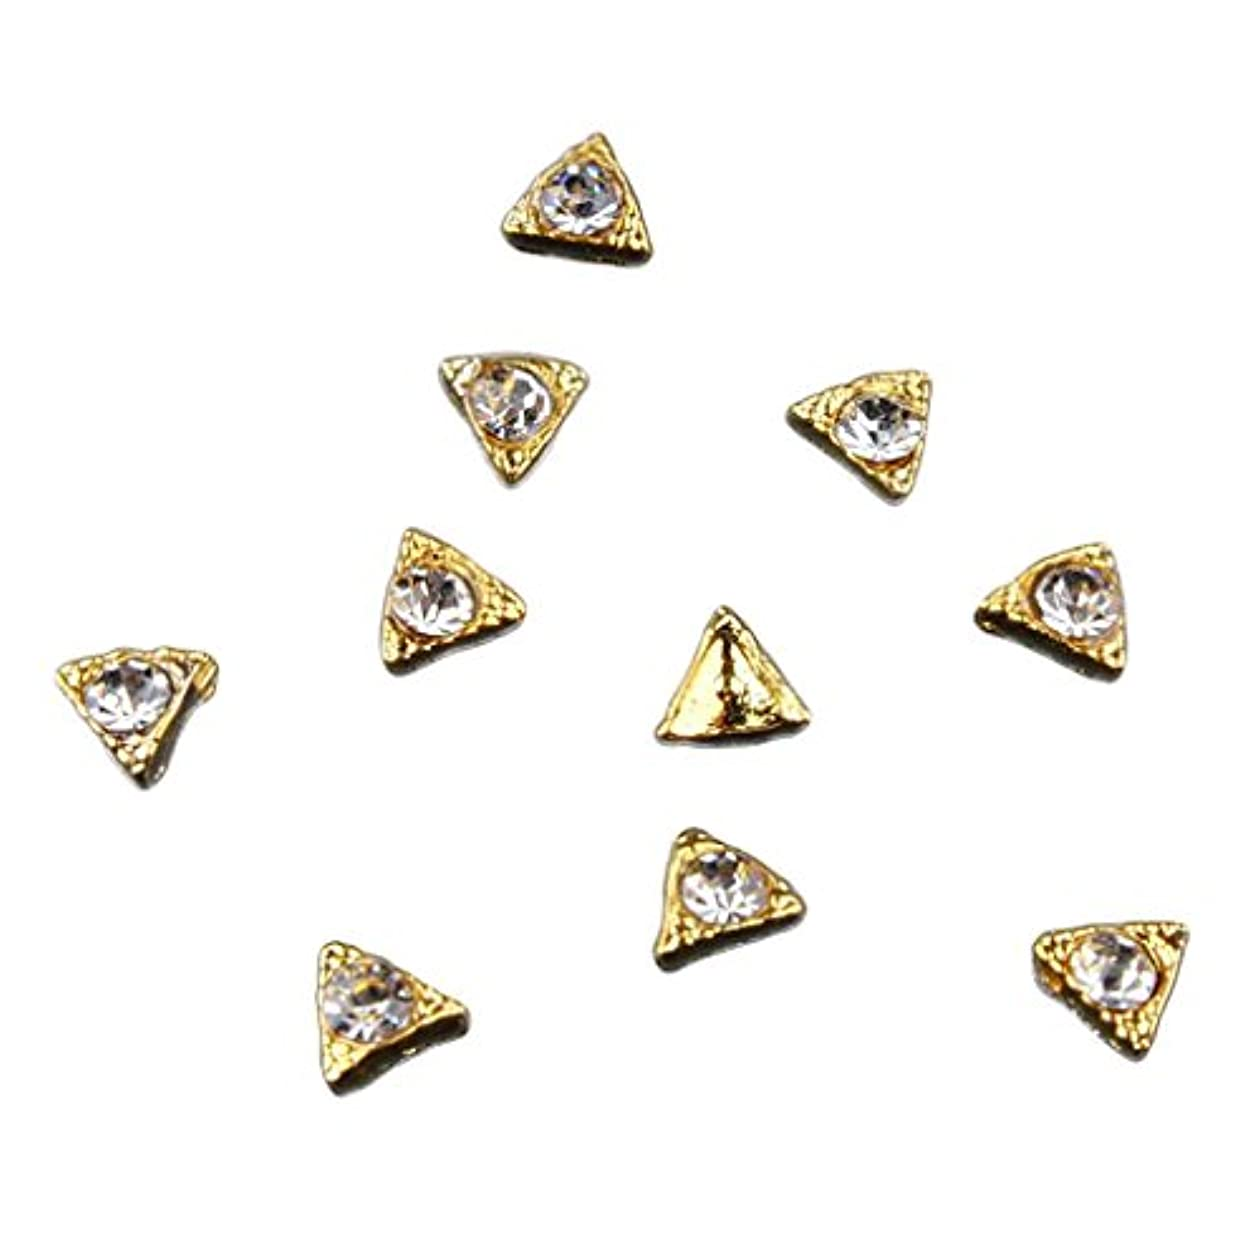 領収書粒舌な50個入り ネイル ネイルデザイン ダイヤモンド 3Dネイルアート ヒントステッカー デコレーション - 7